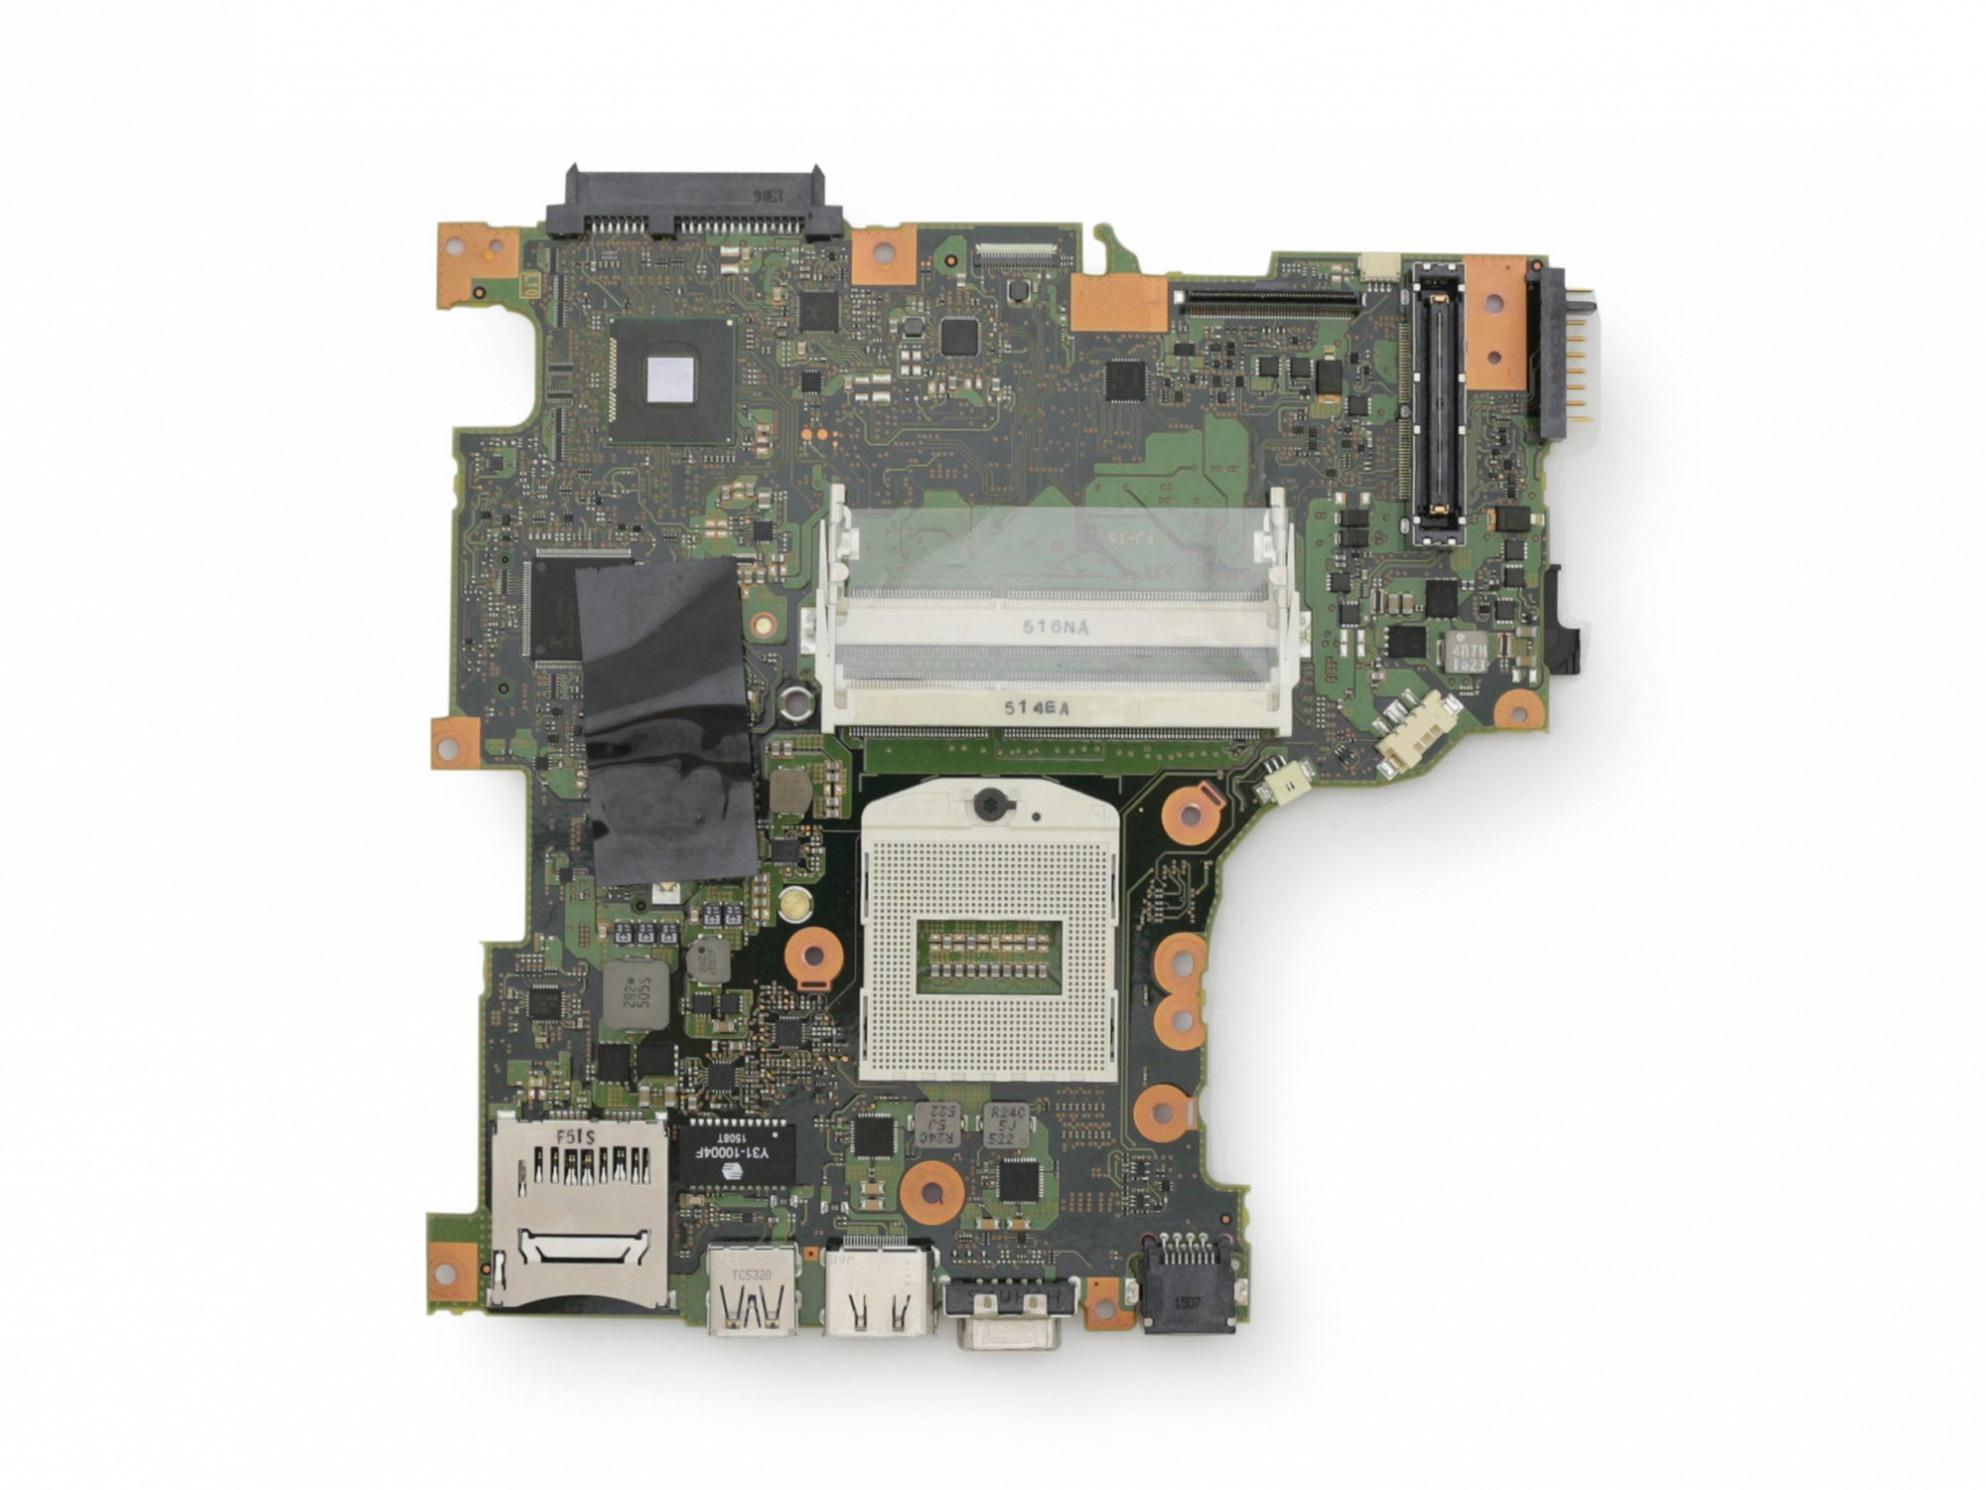 Fujitsu FUJ:CP668205-XX Mainboard FUJ:CP668205-XX (onboard GPU) Original